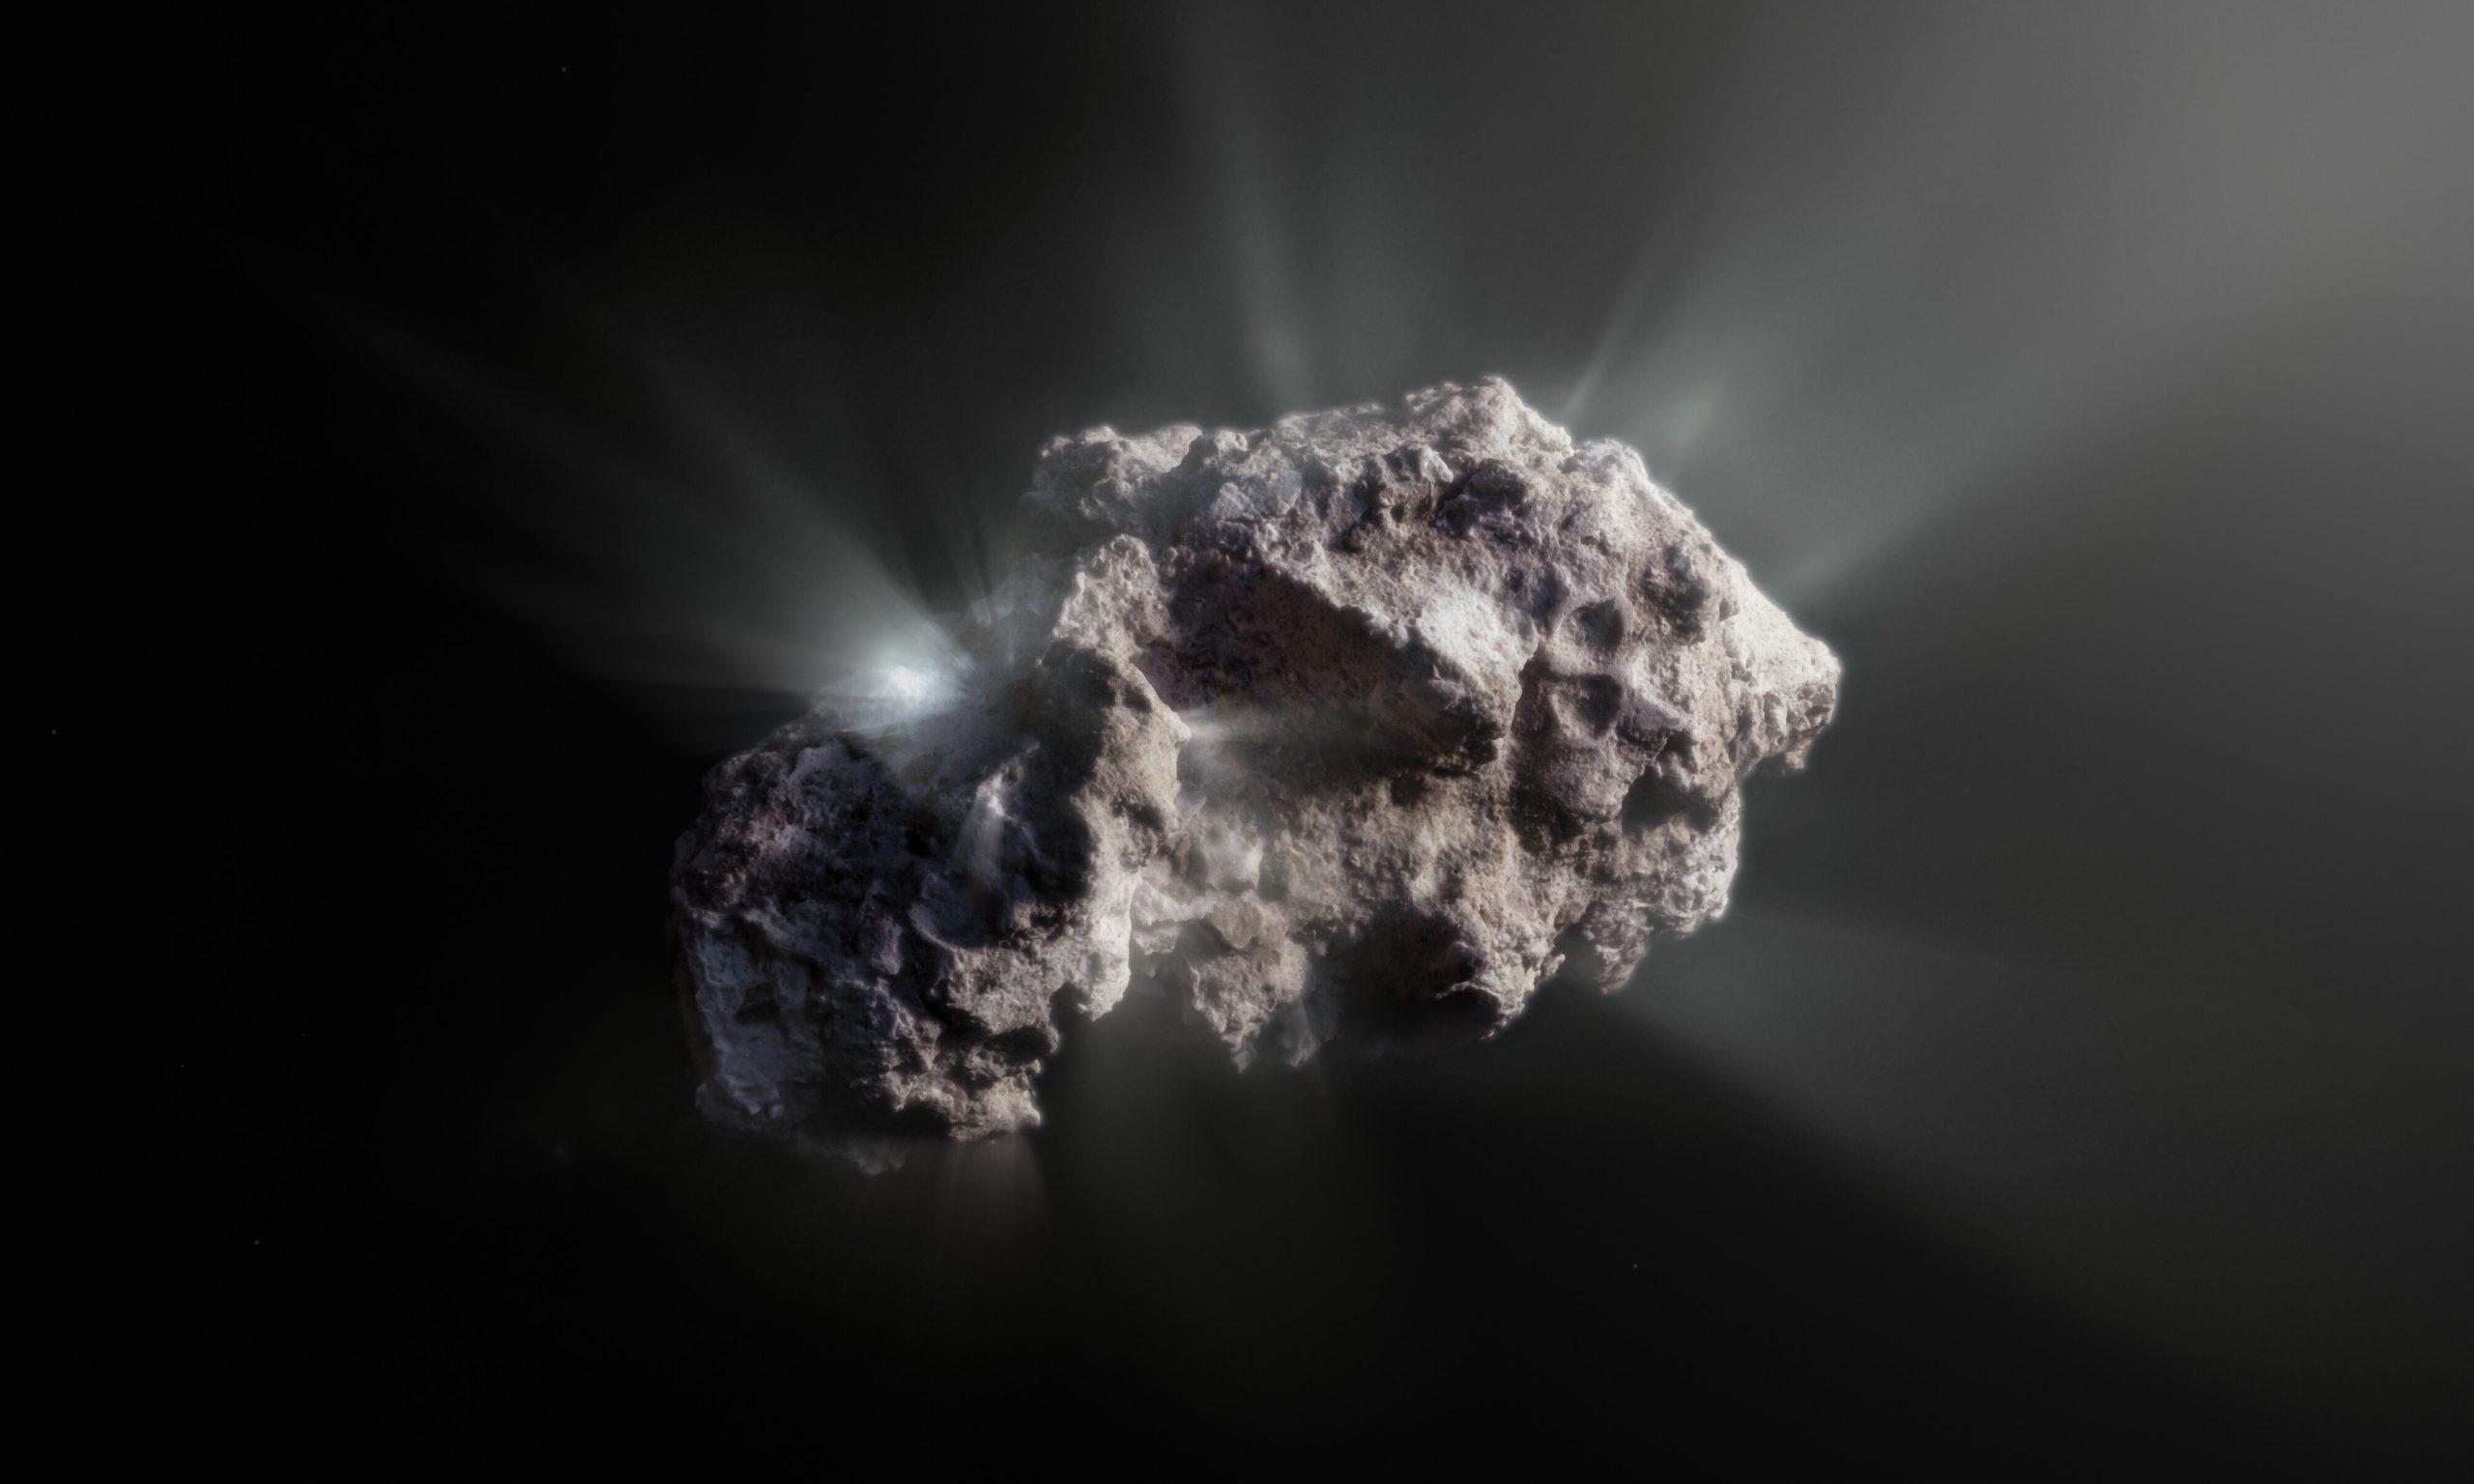 ボリソフ彗星に新たな知見、実は原始のタイムカプセル